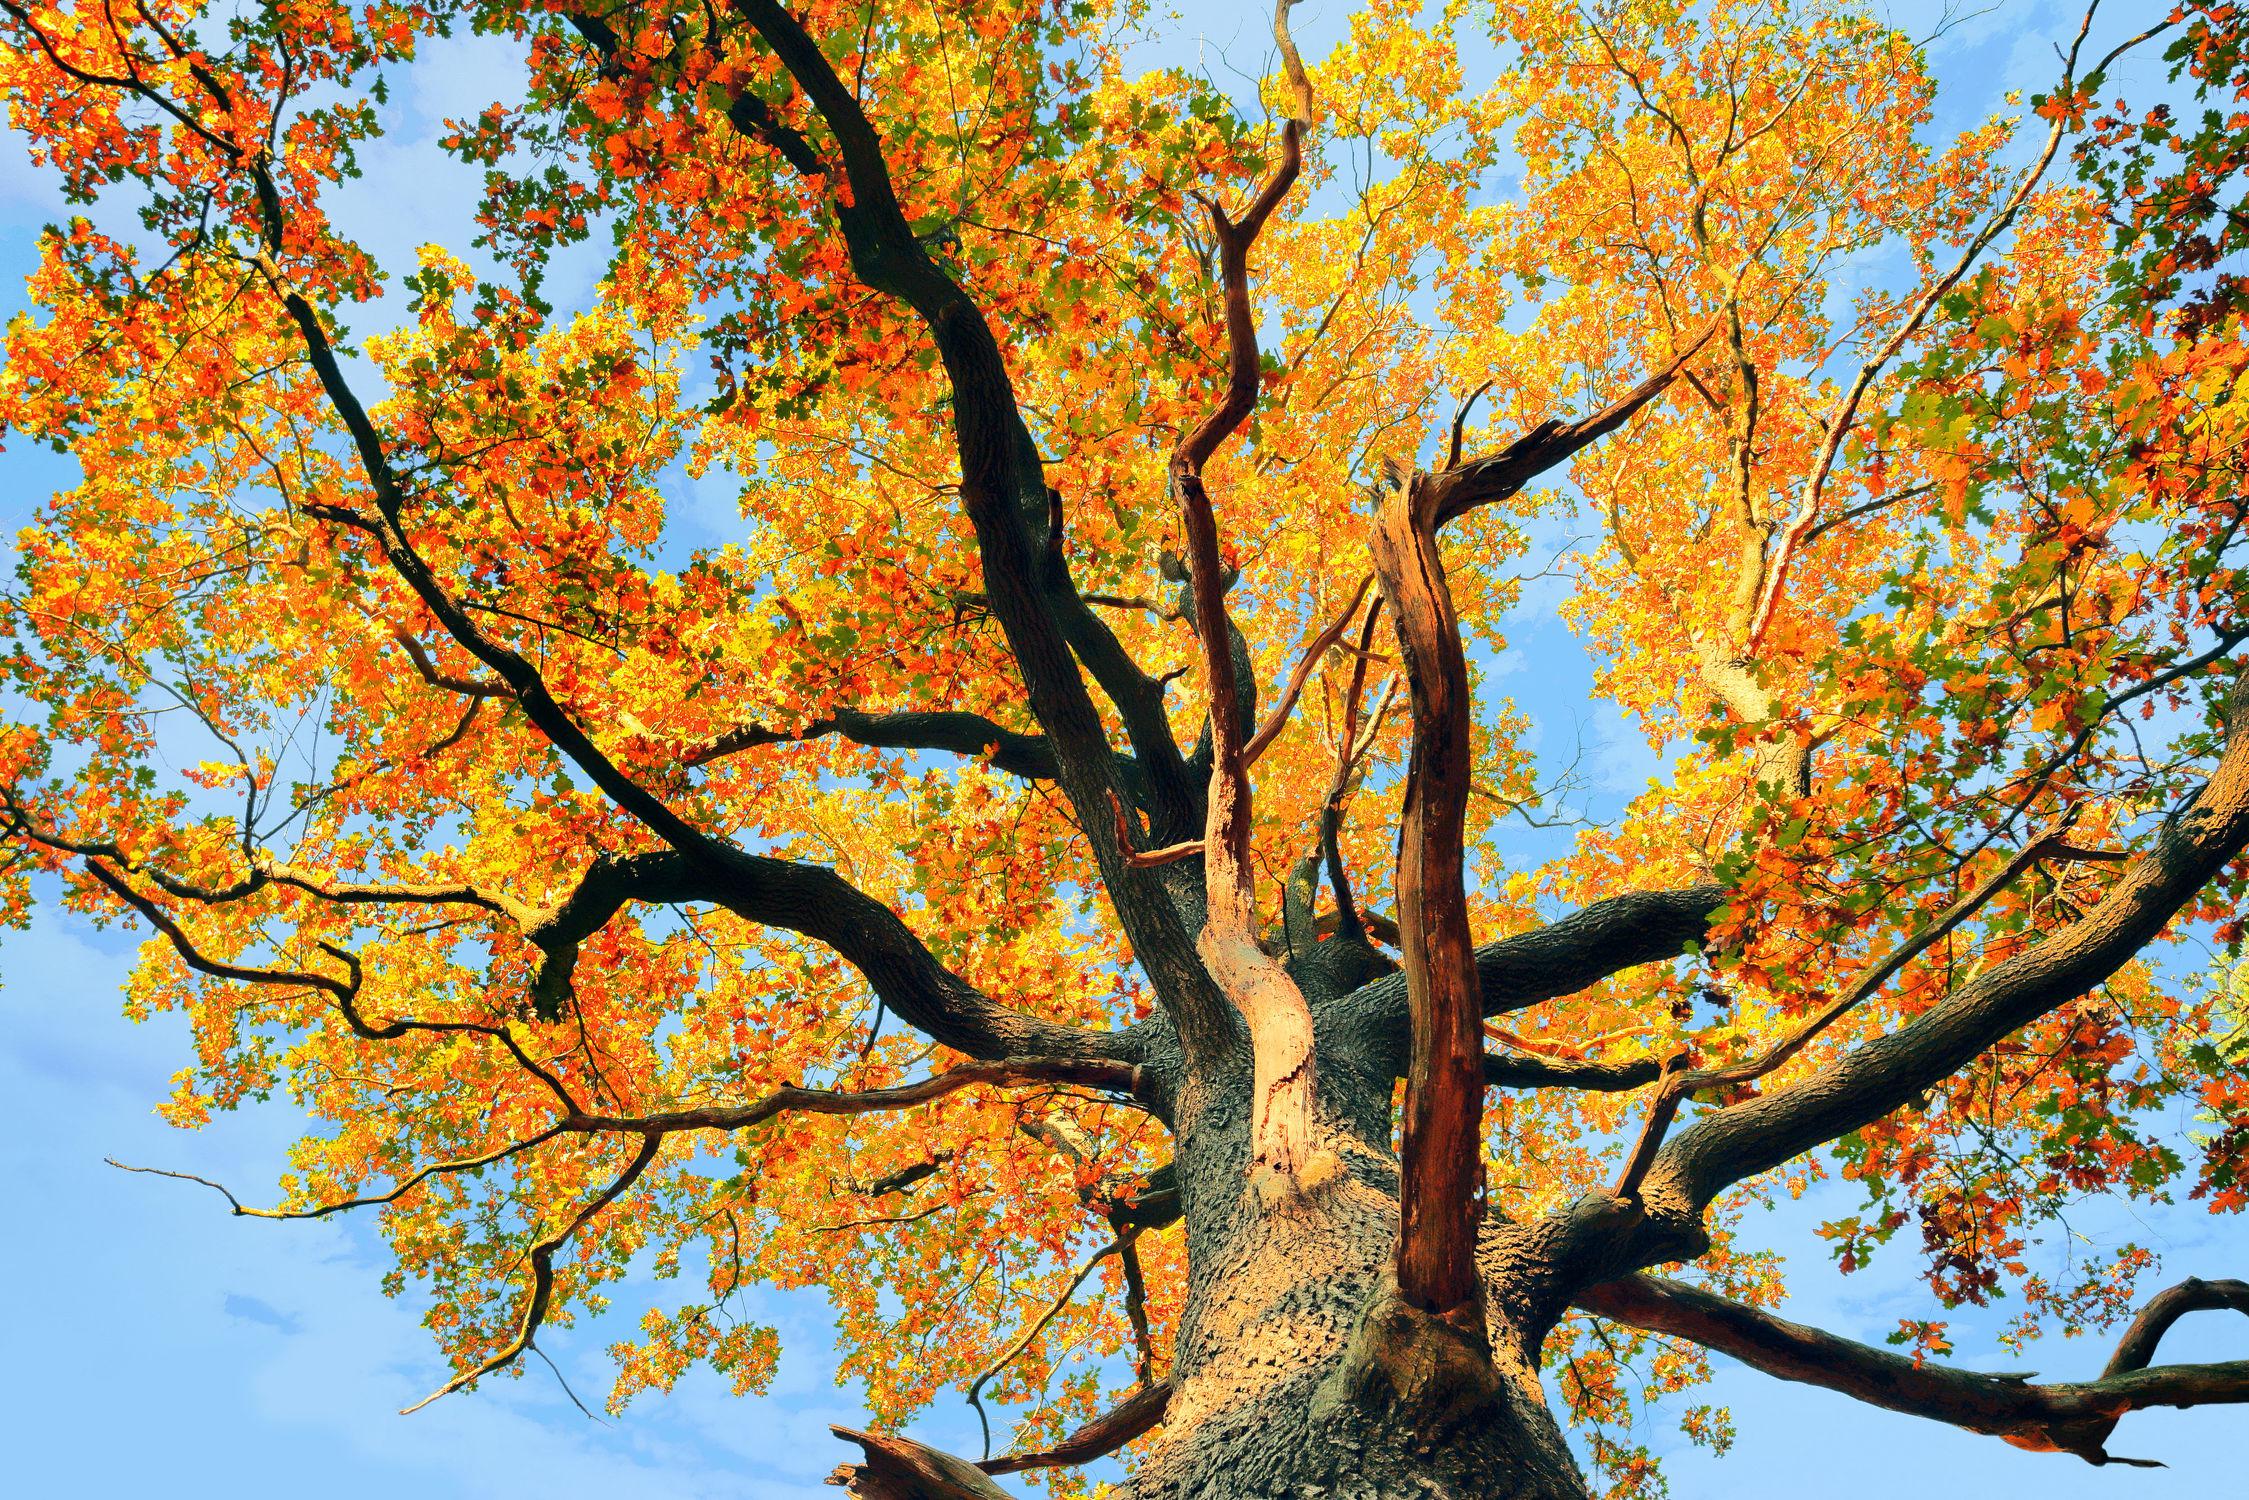 Bild mit Natur, Herbst, Baumkrone, Baum, Landschaft, Laubbaum, Gegenlicht, Jahreszeit, autumn